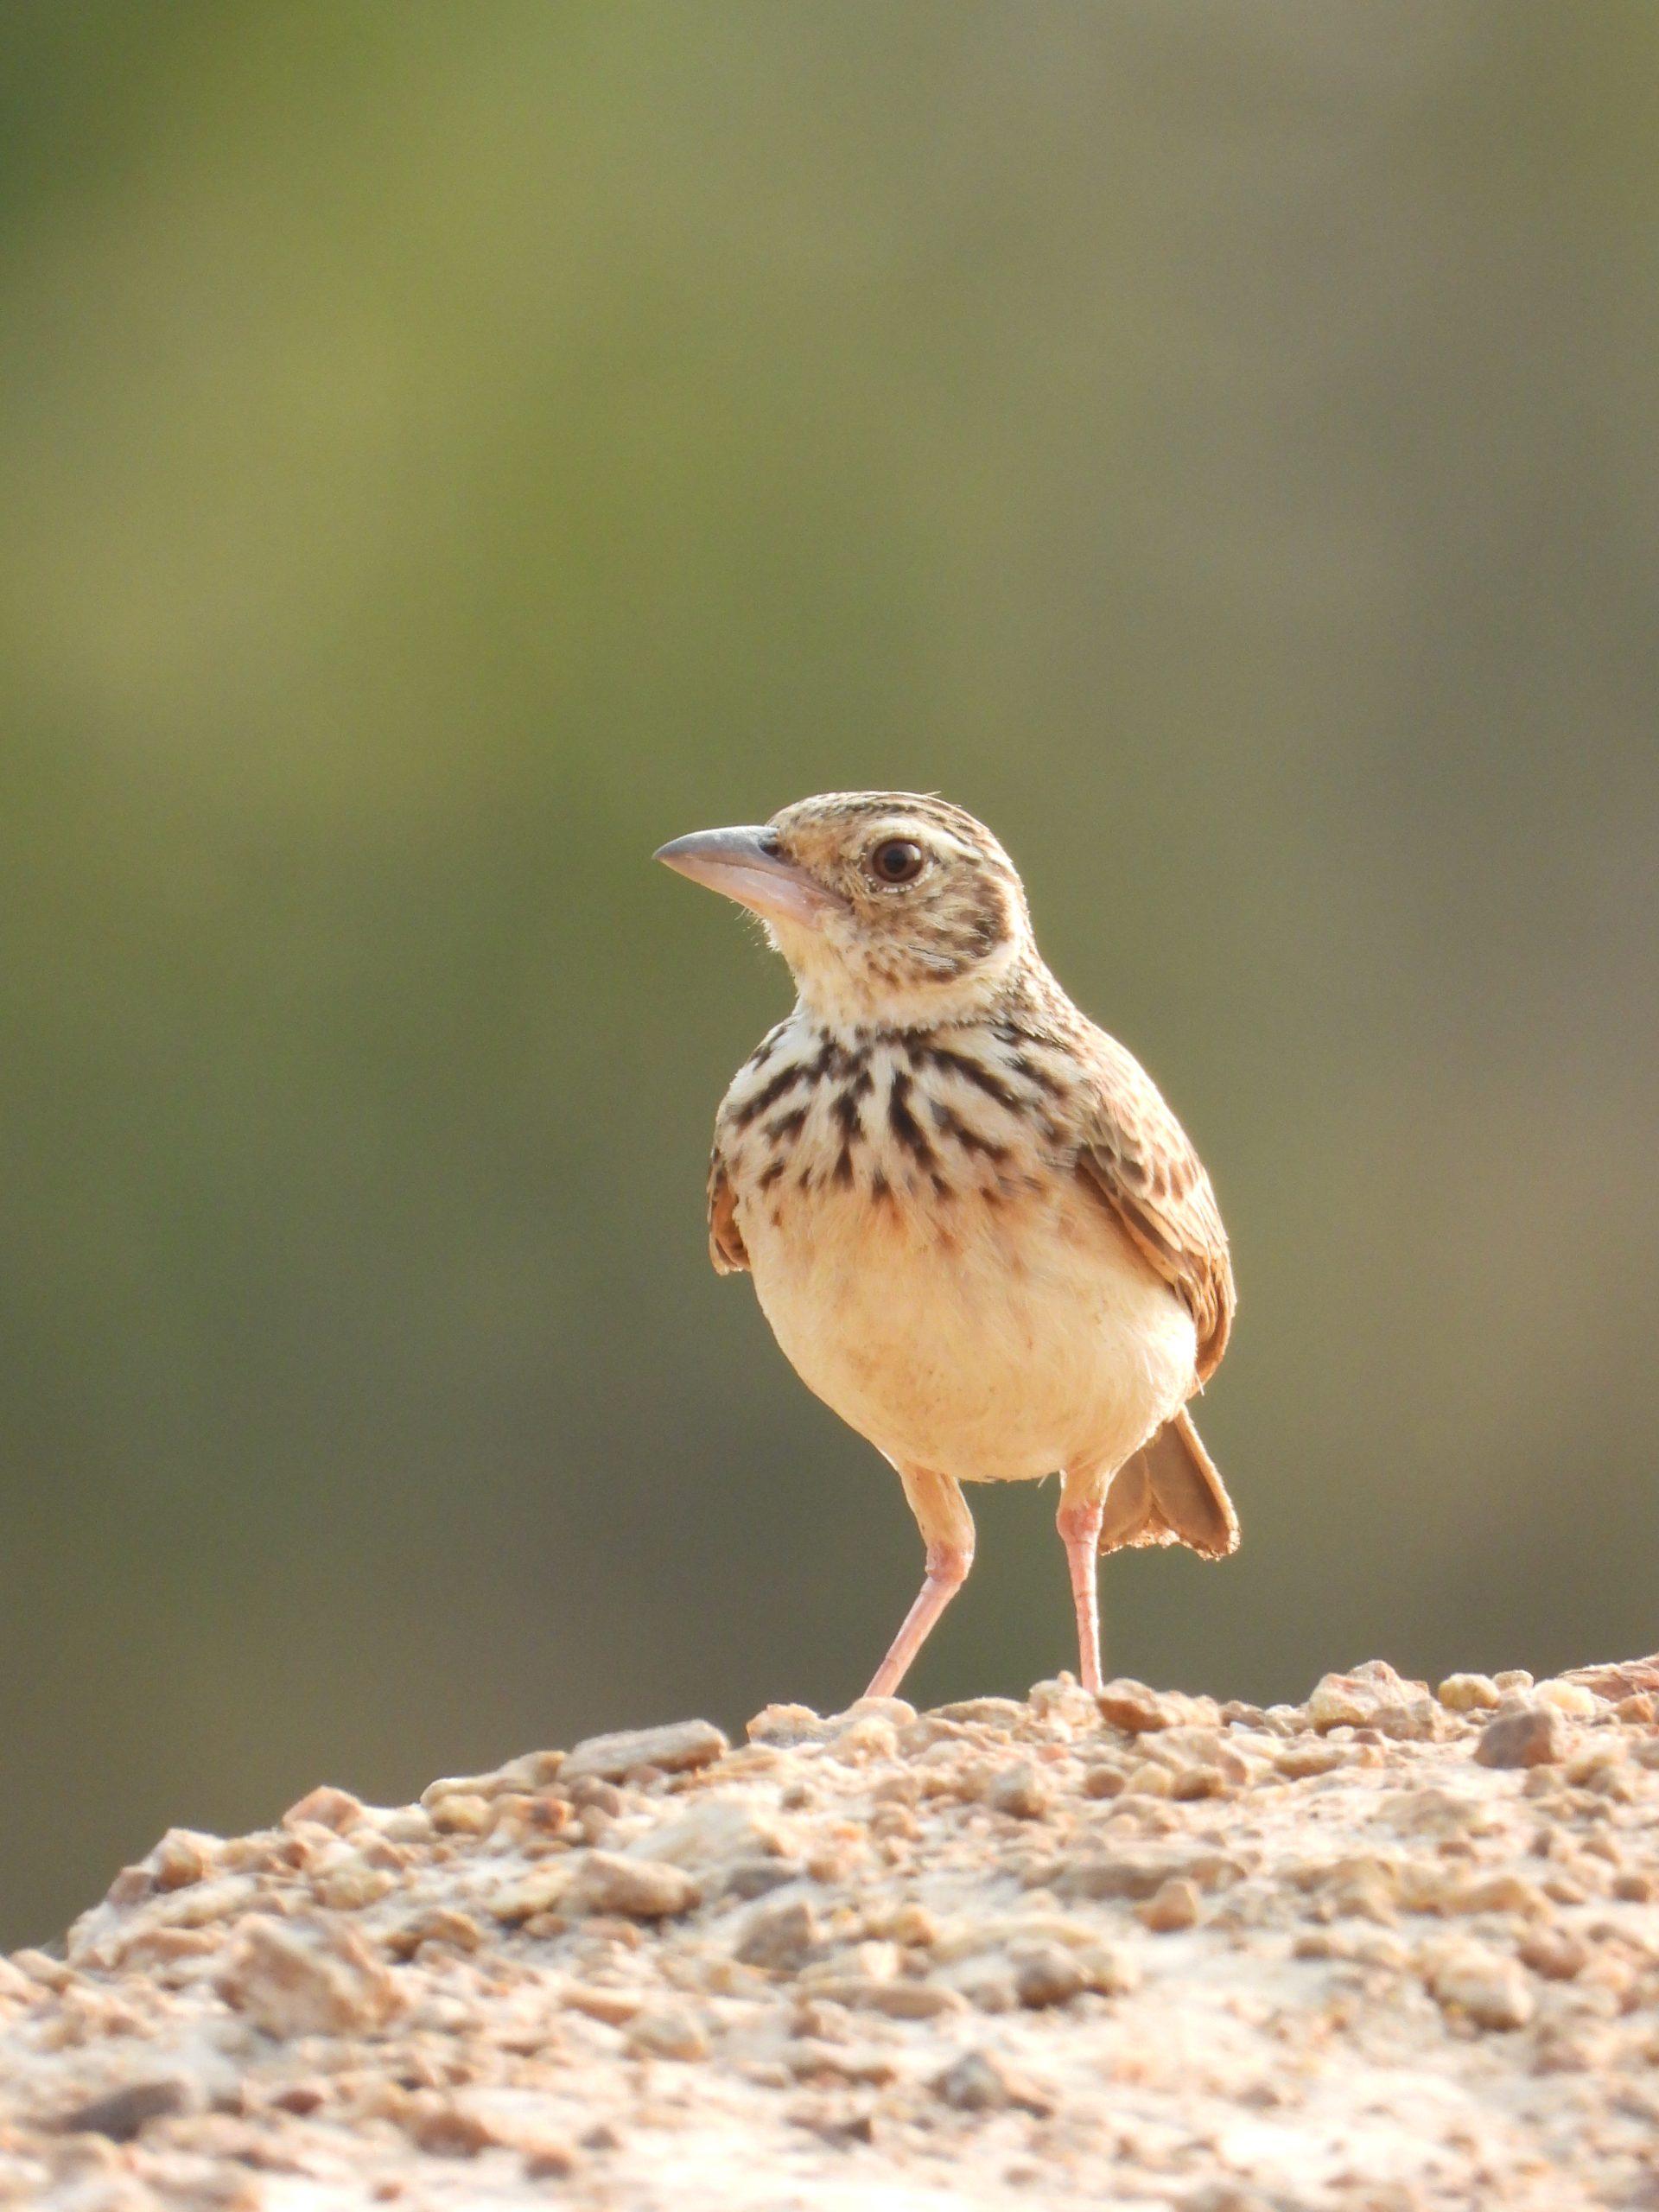 A field sparrow